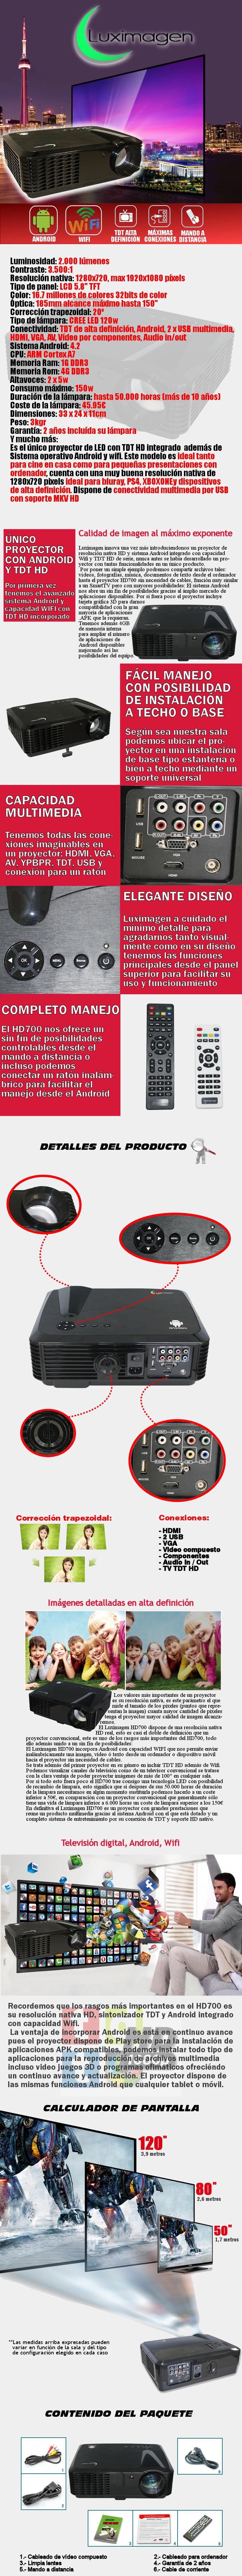 proyector con tdt luximagen hd700